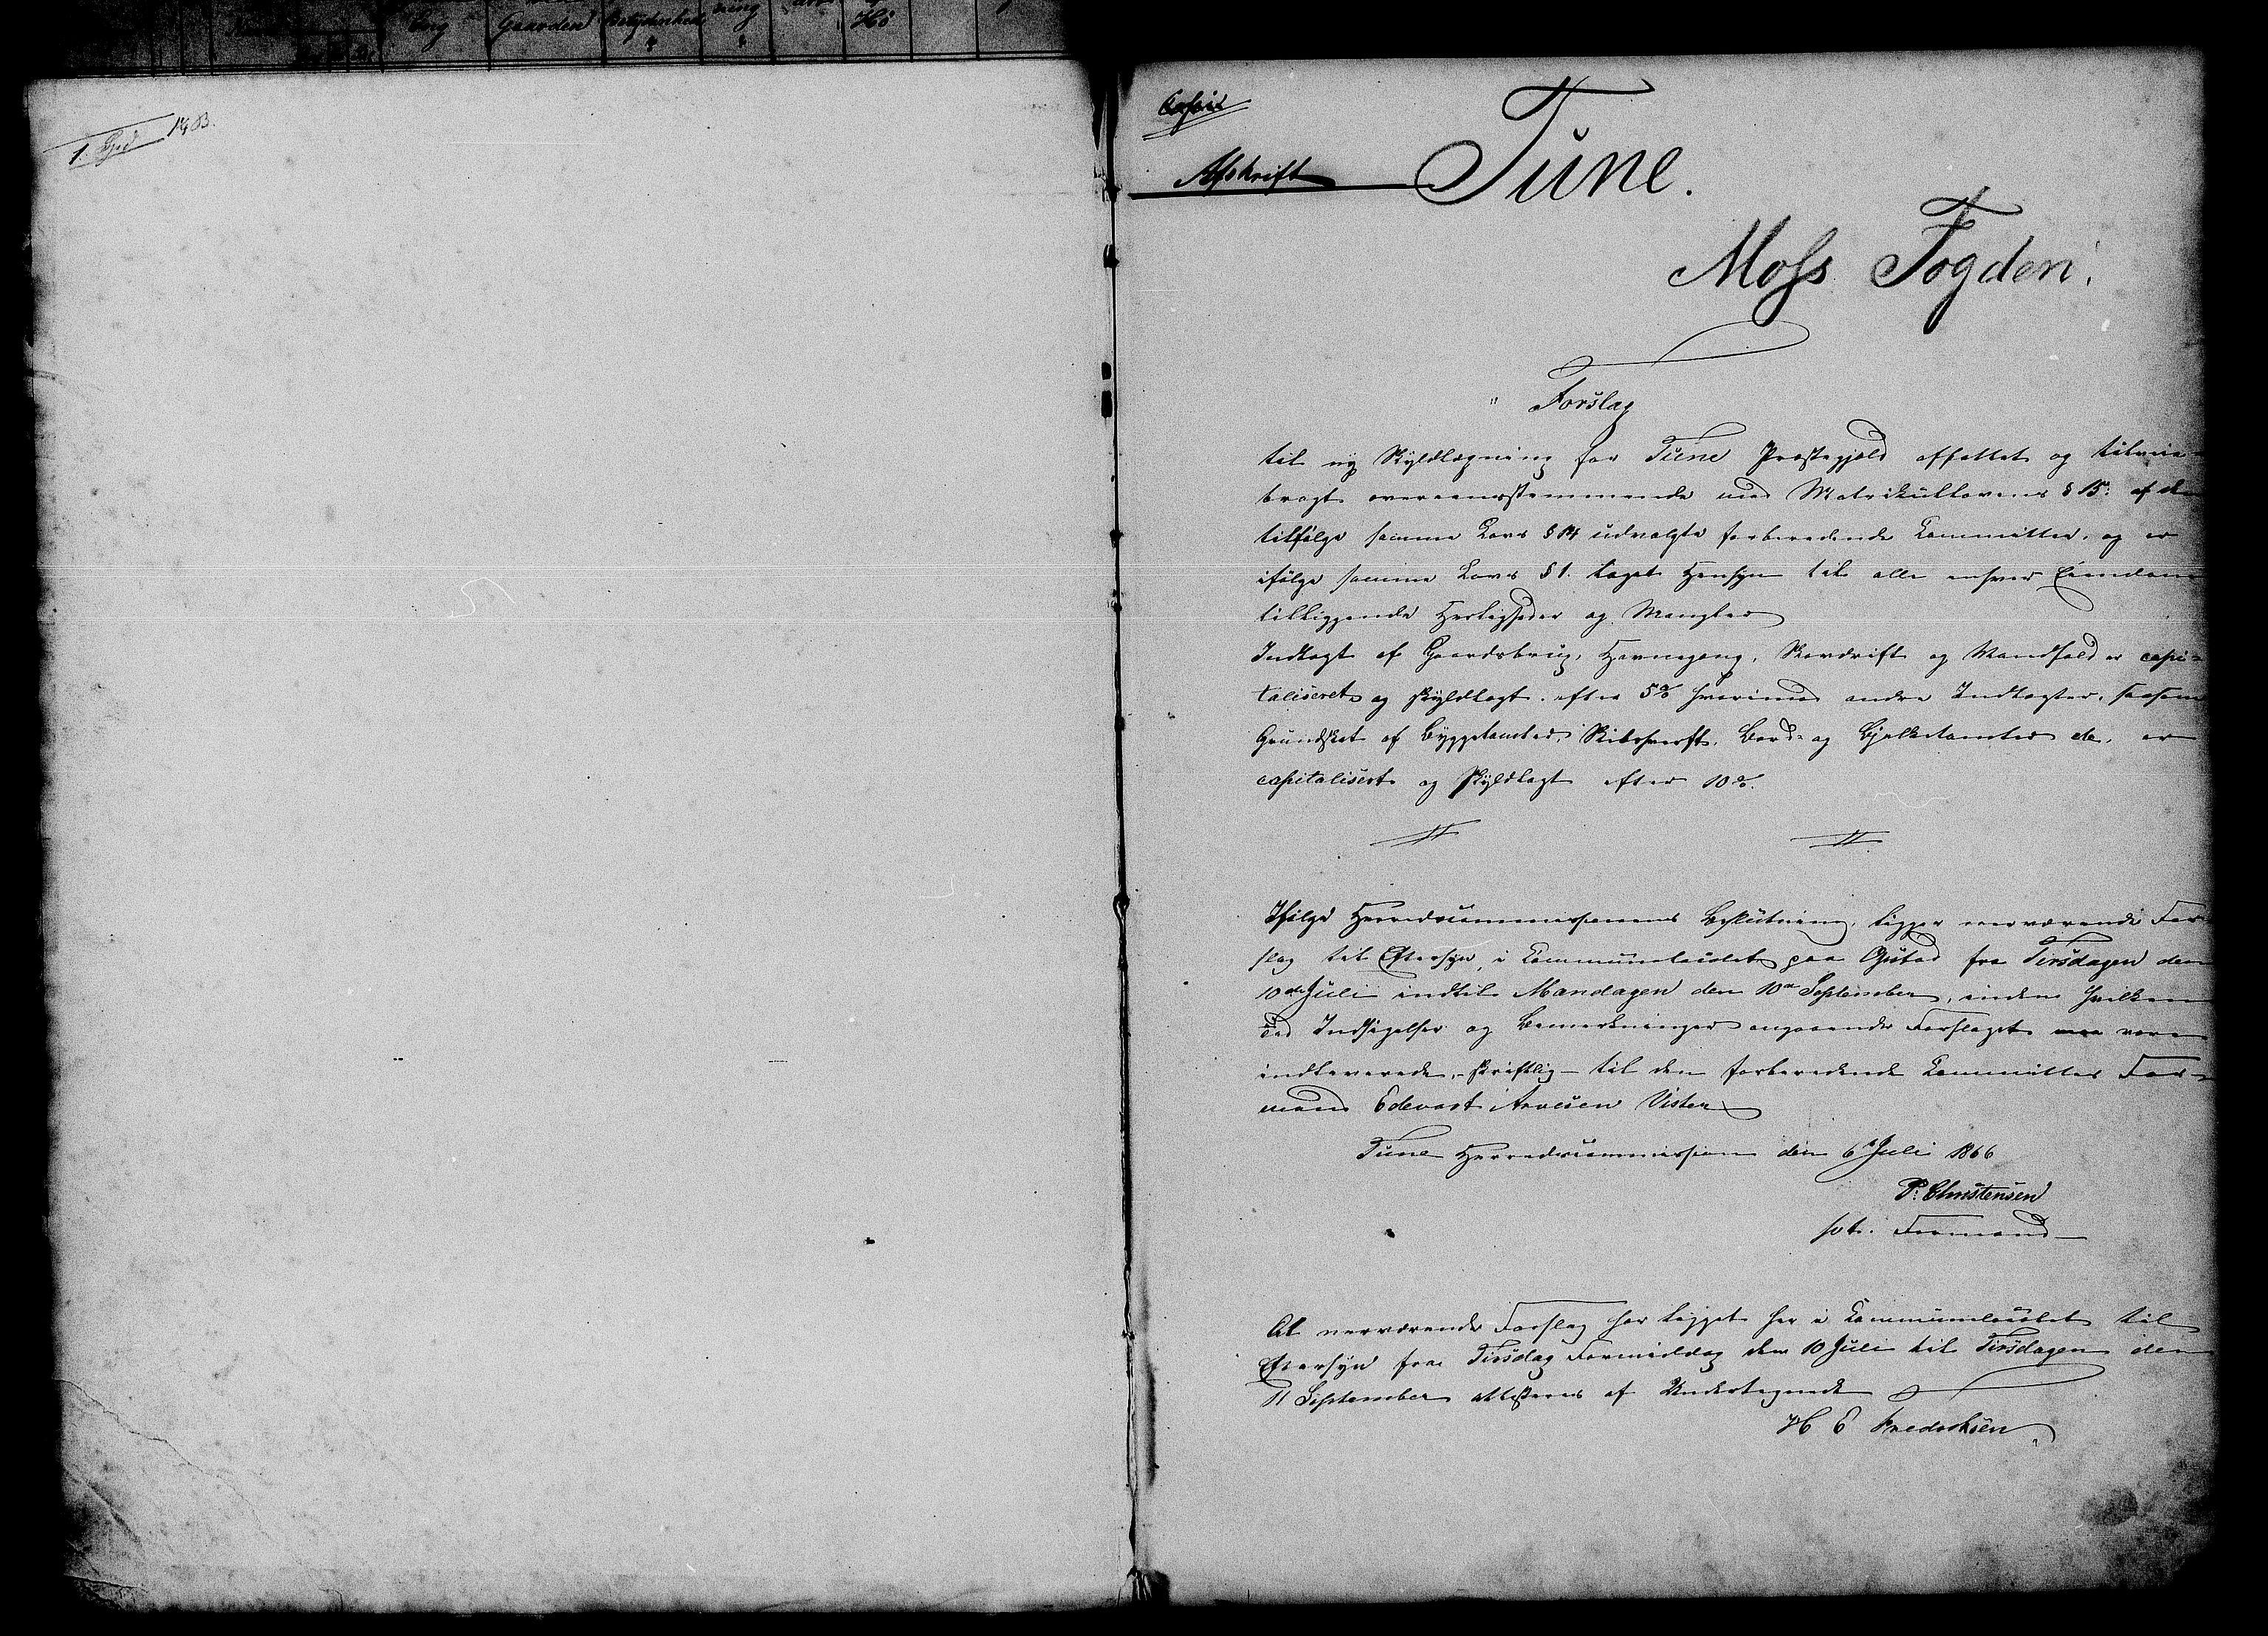 RA, Matrikkelrevisjonen av 1863, F/Fe/L0015: Tune, 1863